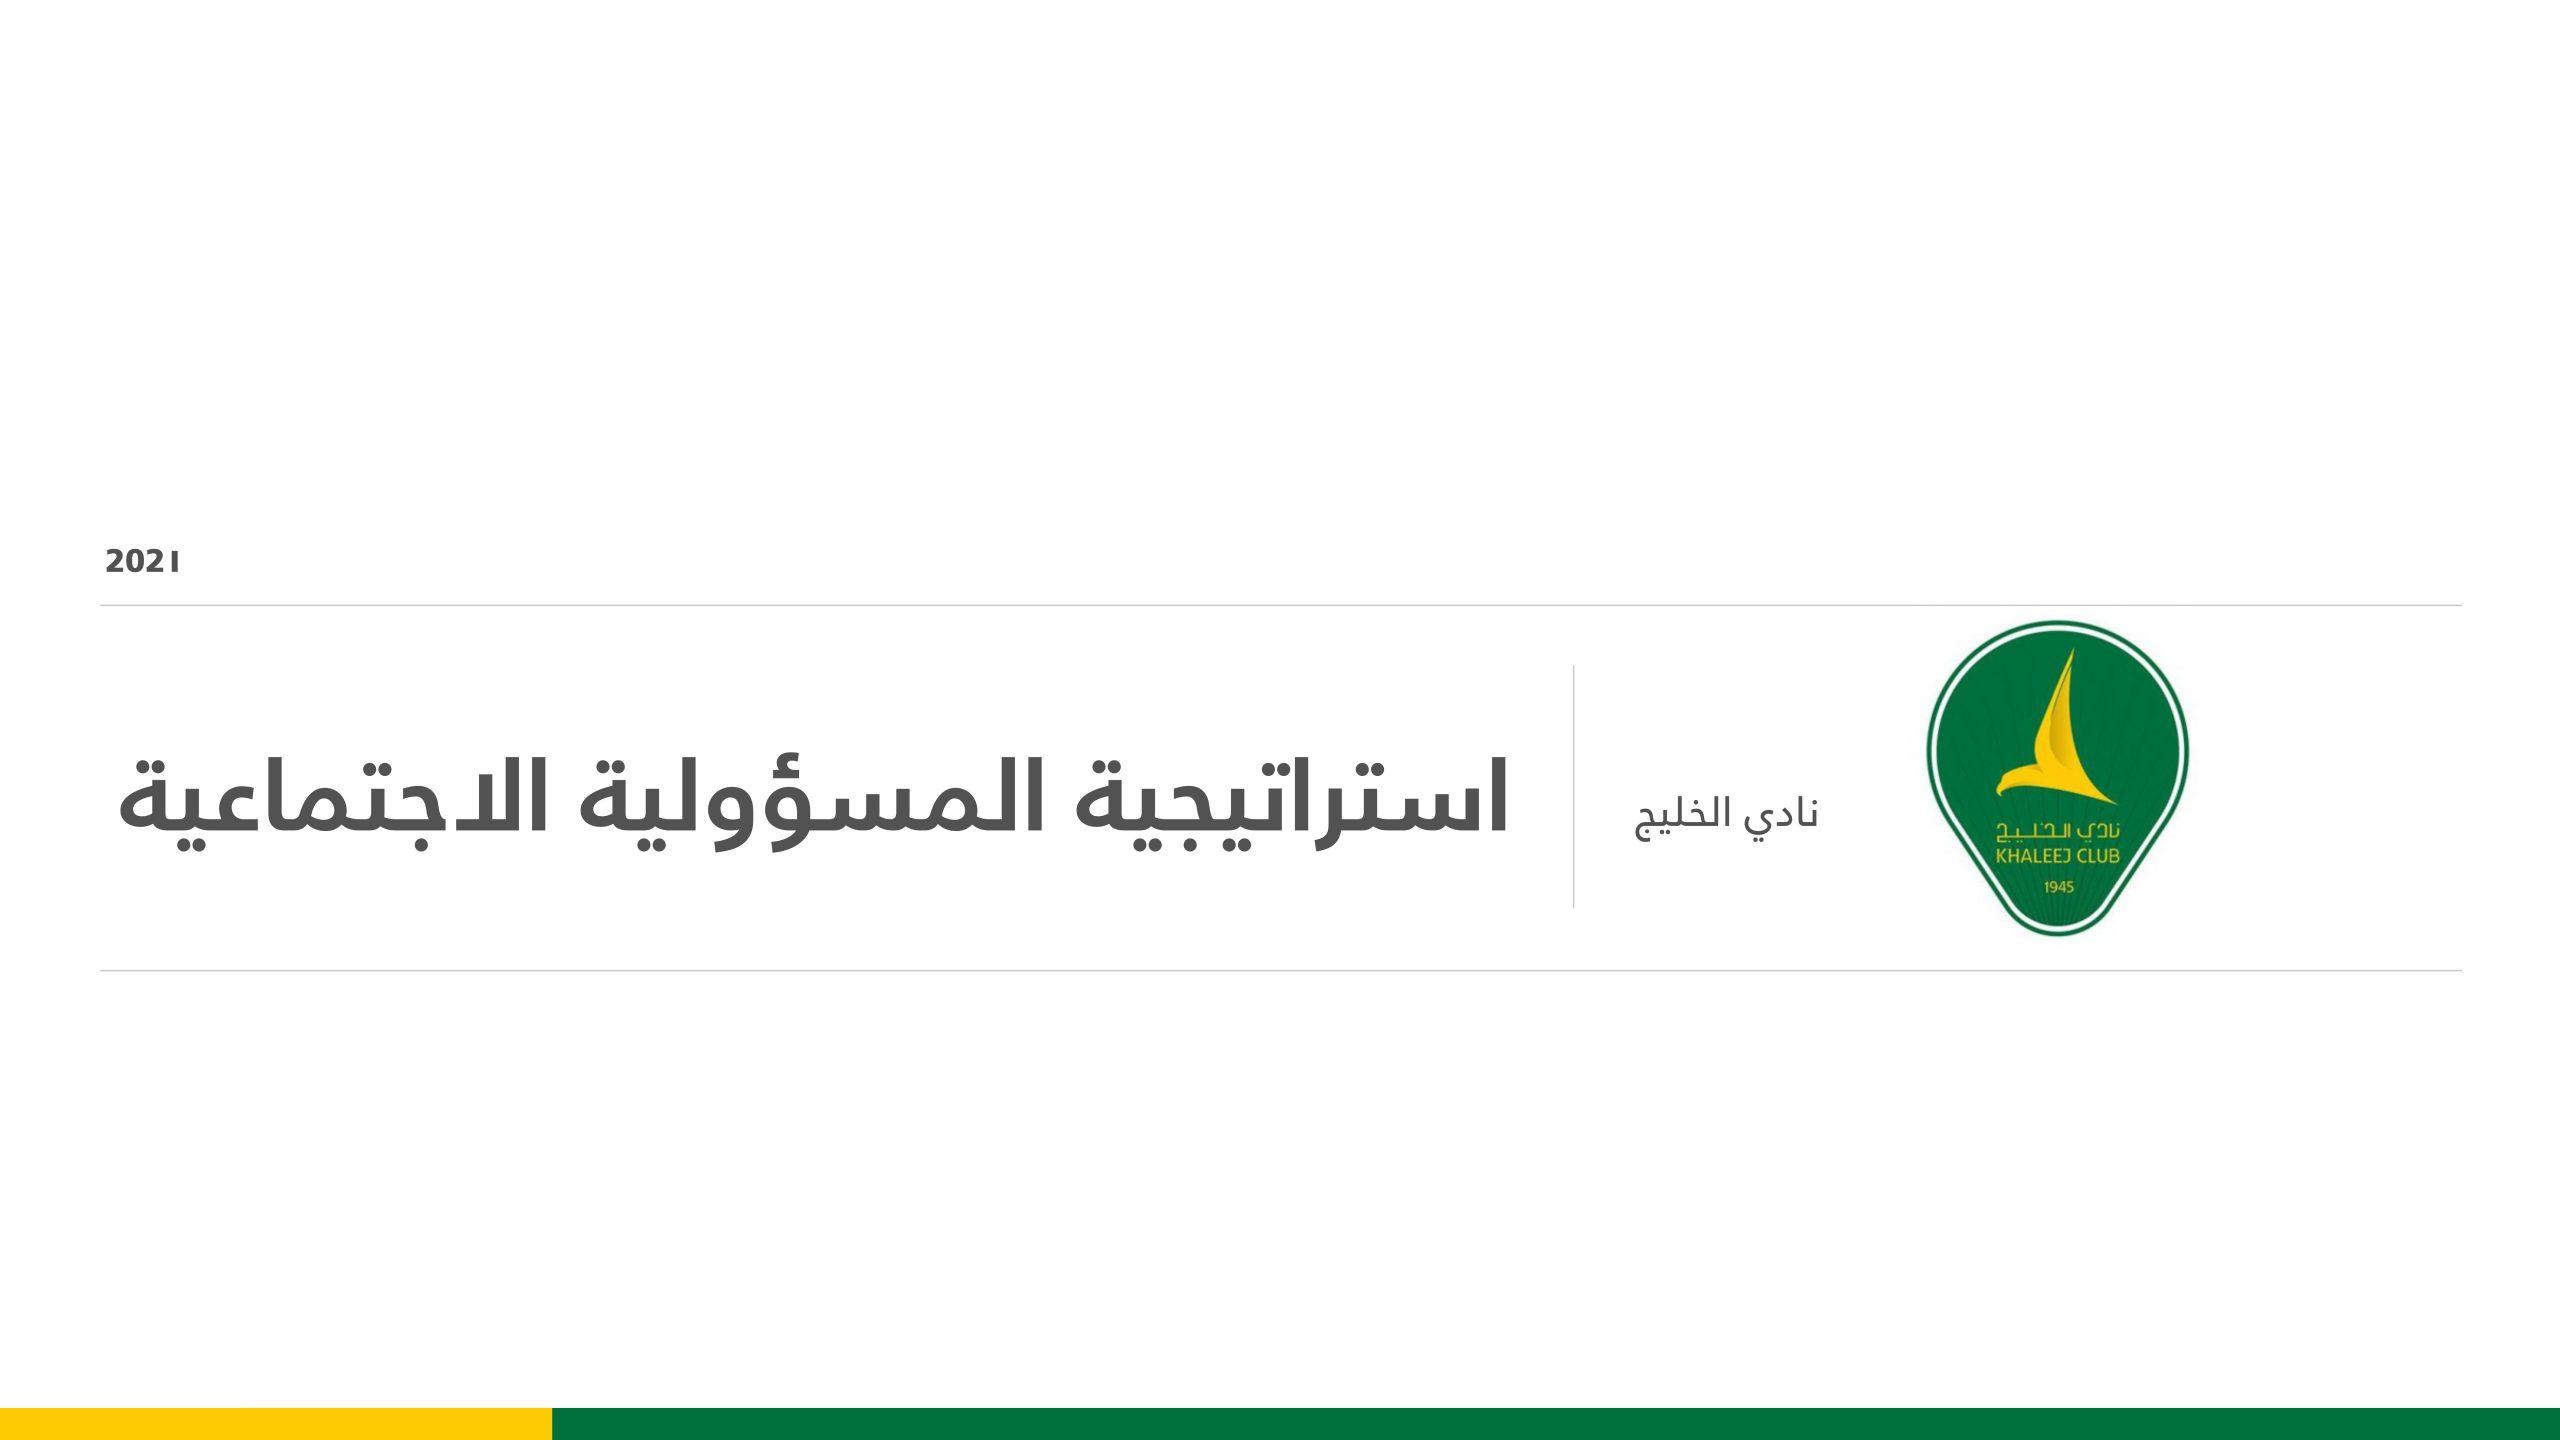 استراتيجية المسؤولية الاجتماعية بنادي الخليج